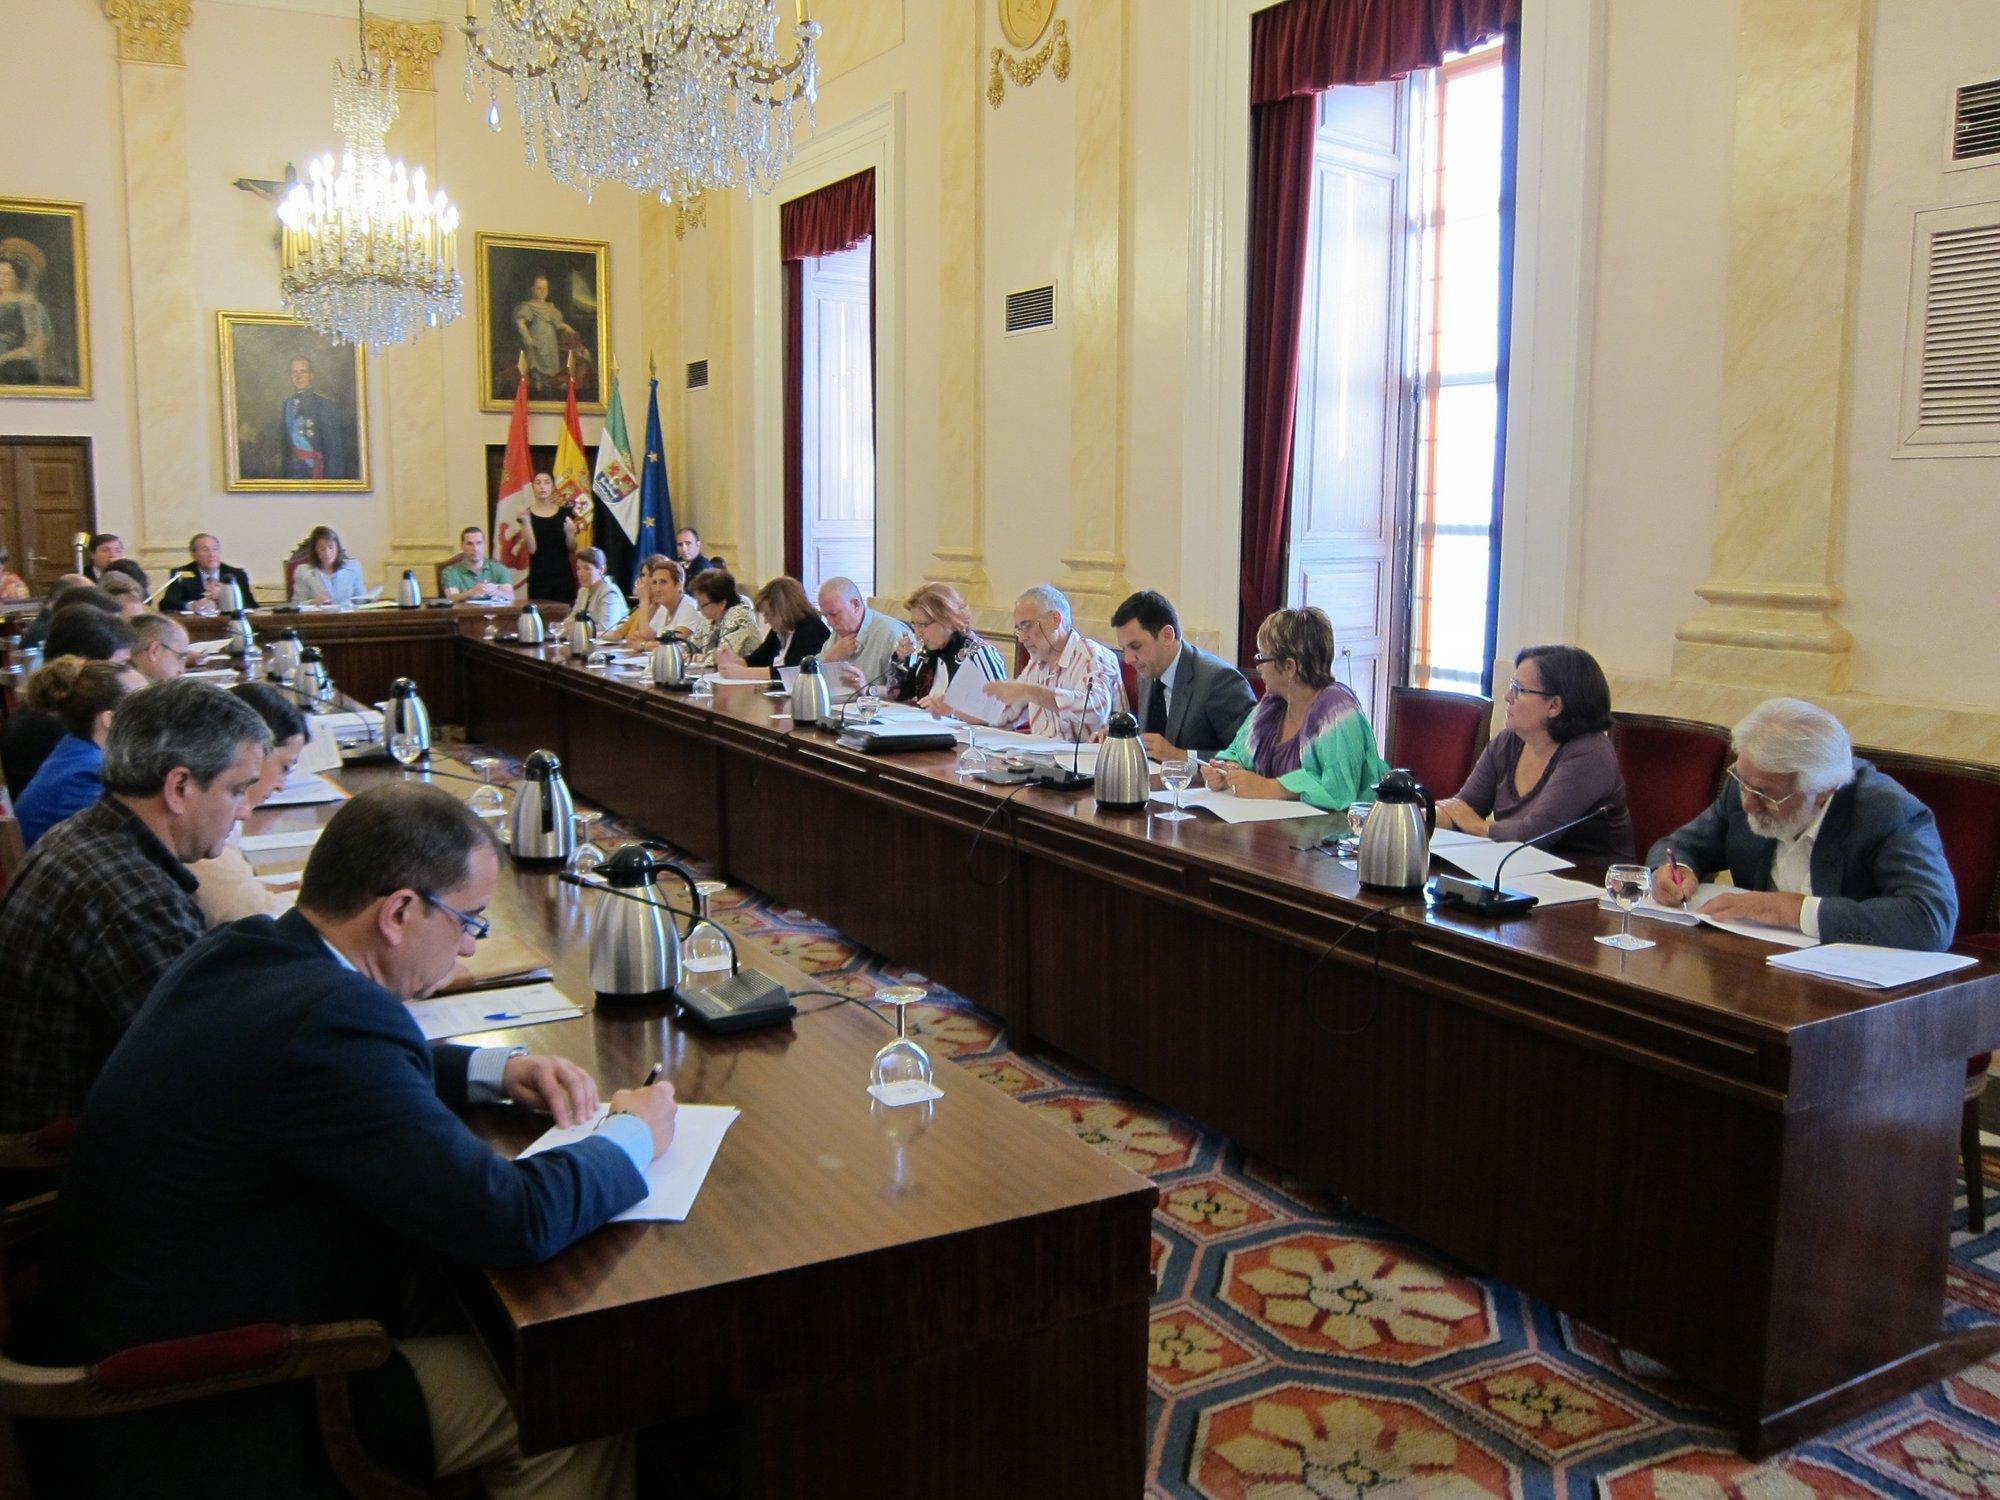 Gobierno local de Cáceres dice que el plan de ajuste es «realista» y la oposición lo tacha de «injusto» e «insolidario»